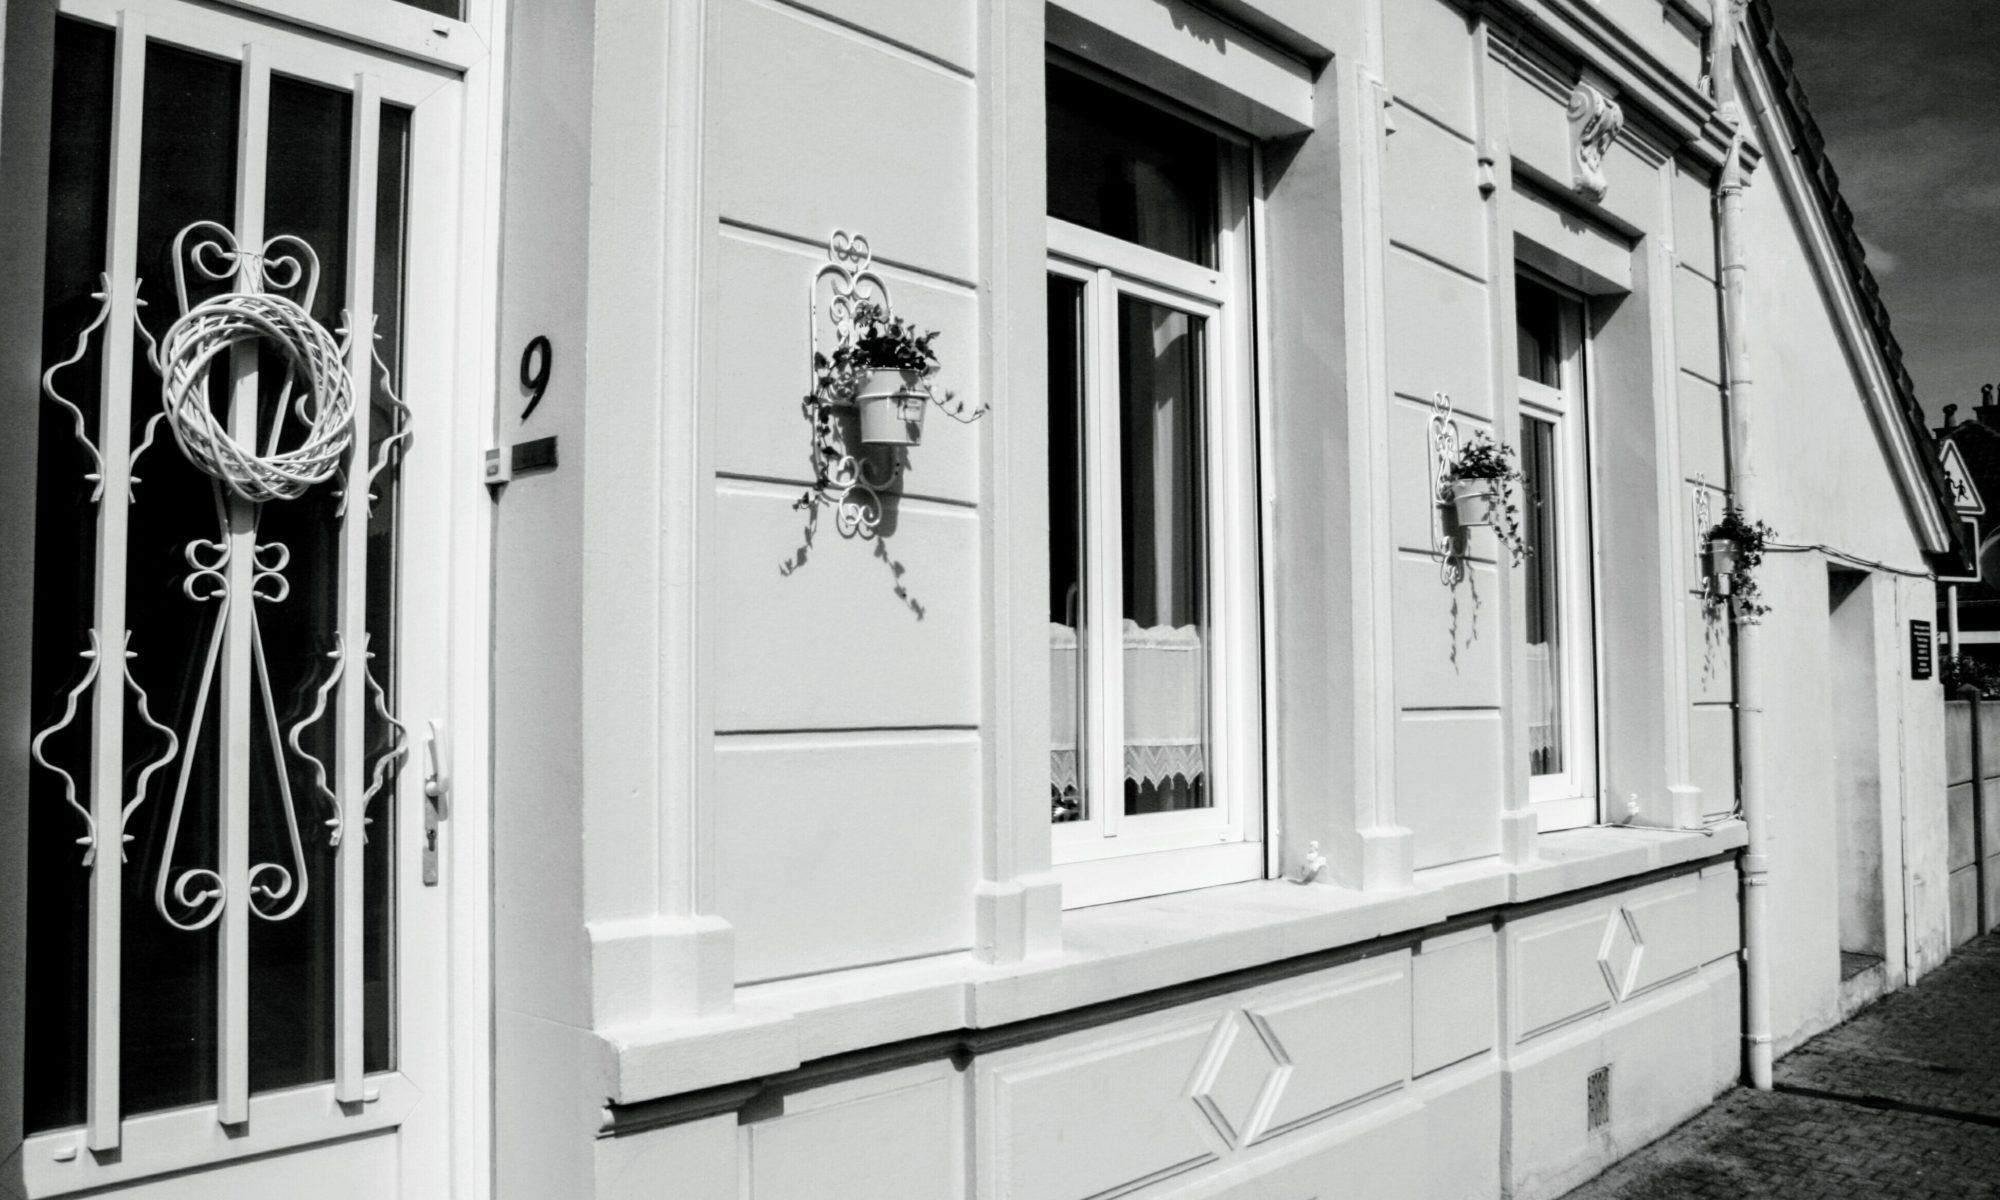 chambre-hotes-a-la-dolce-vita-facade-02